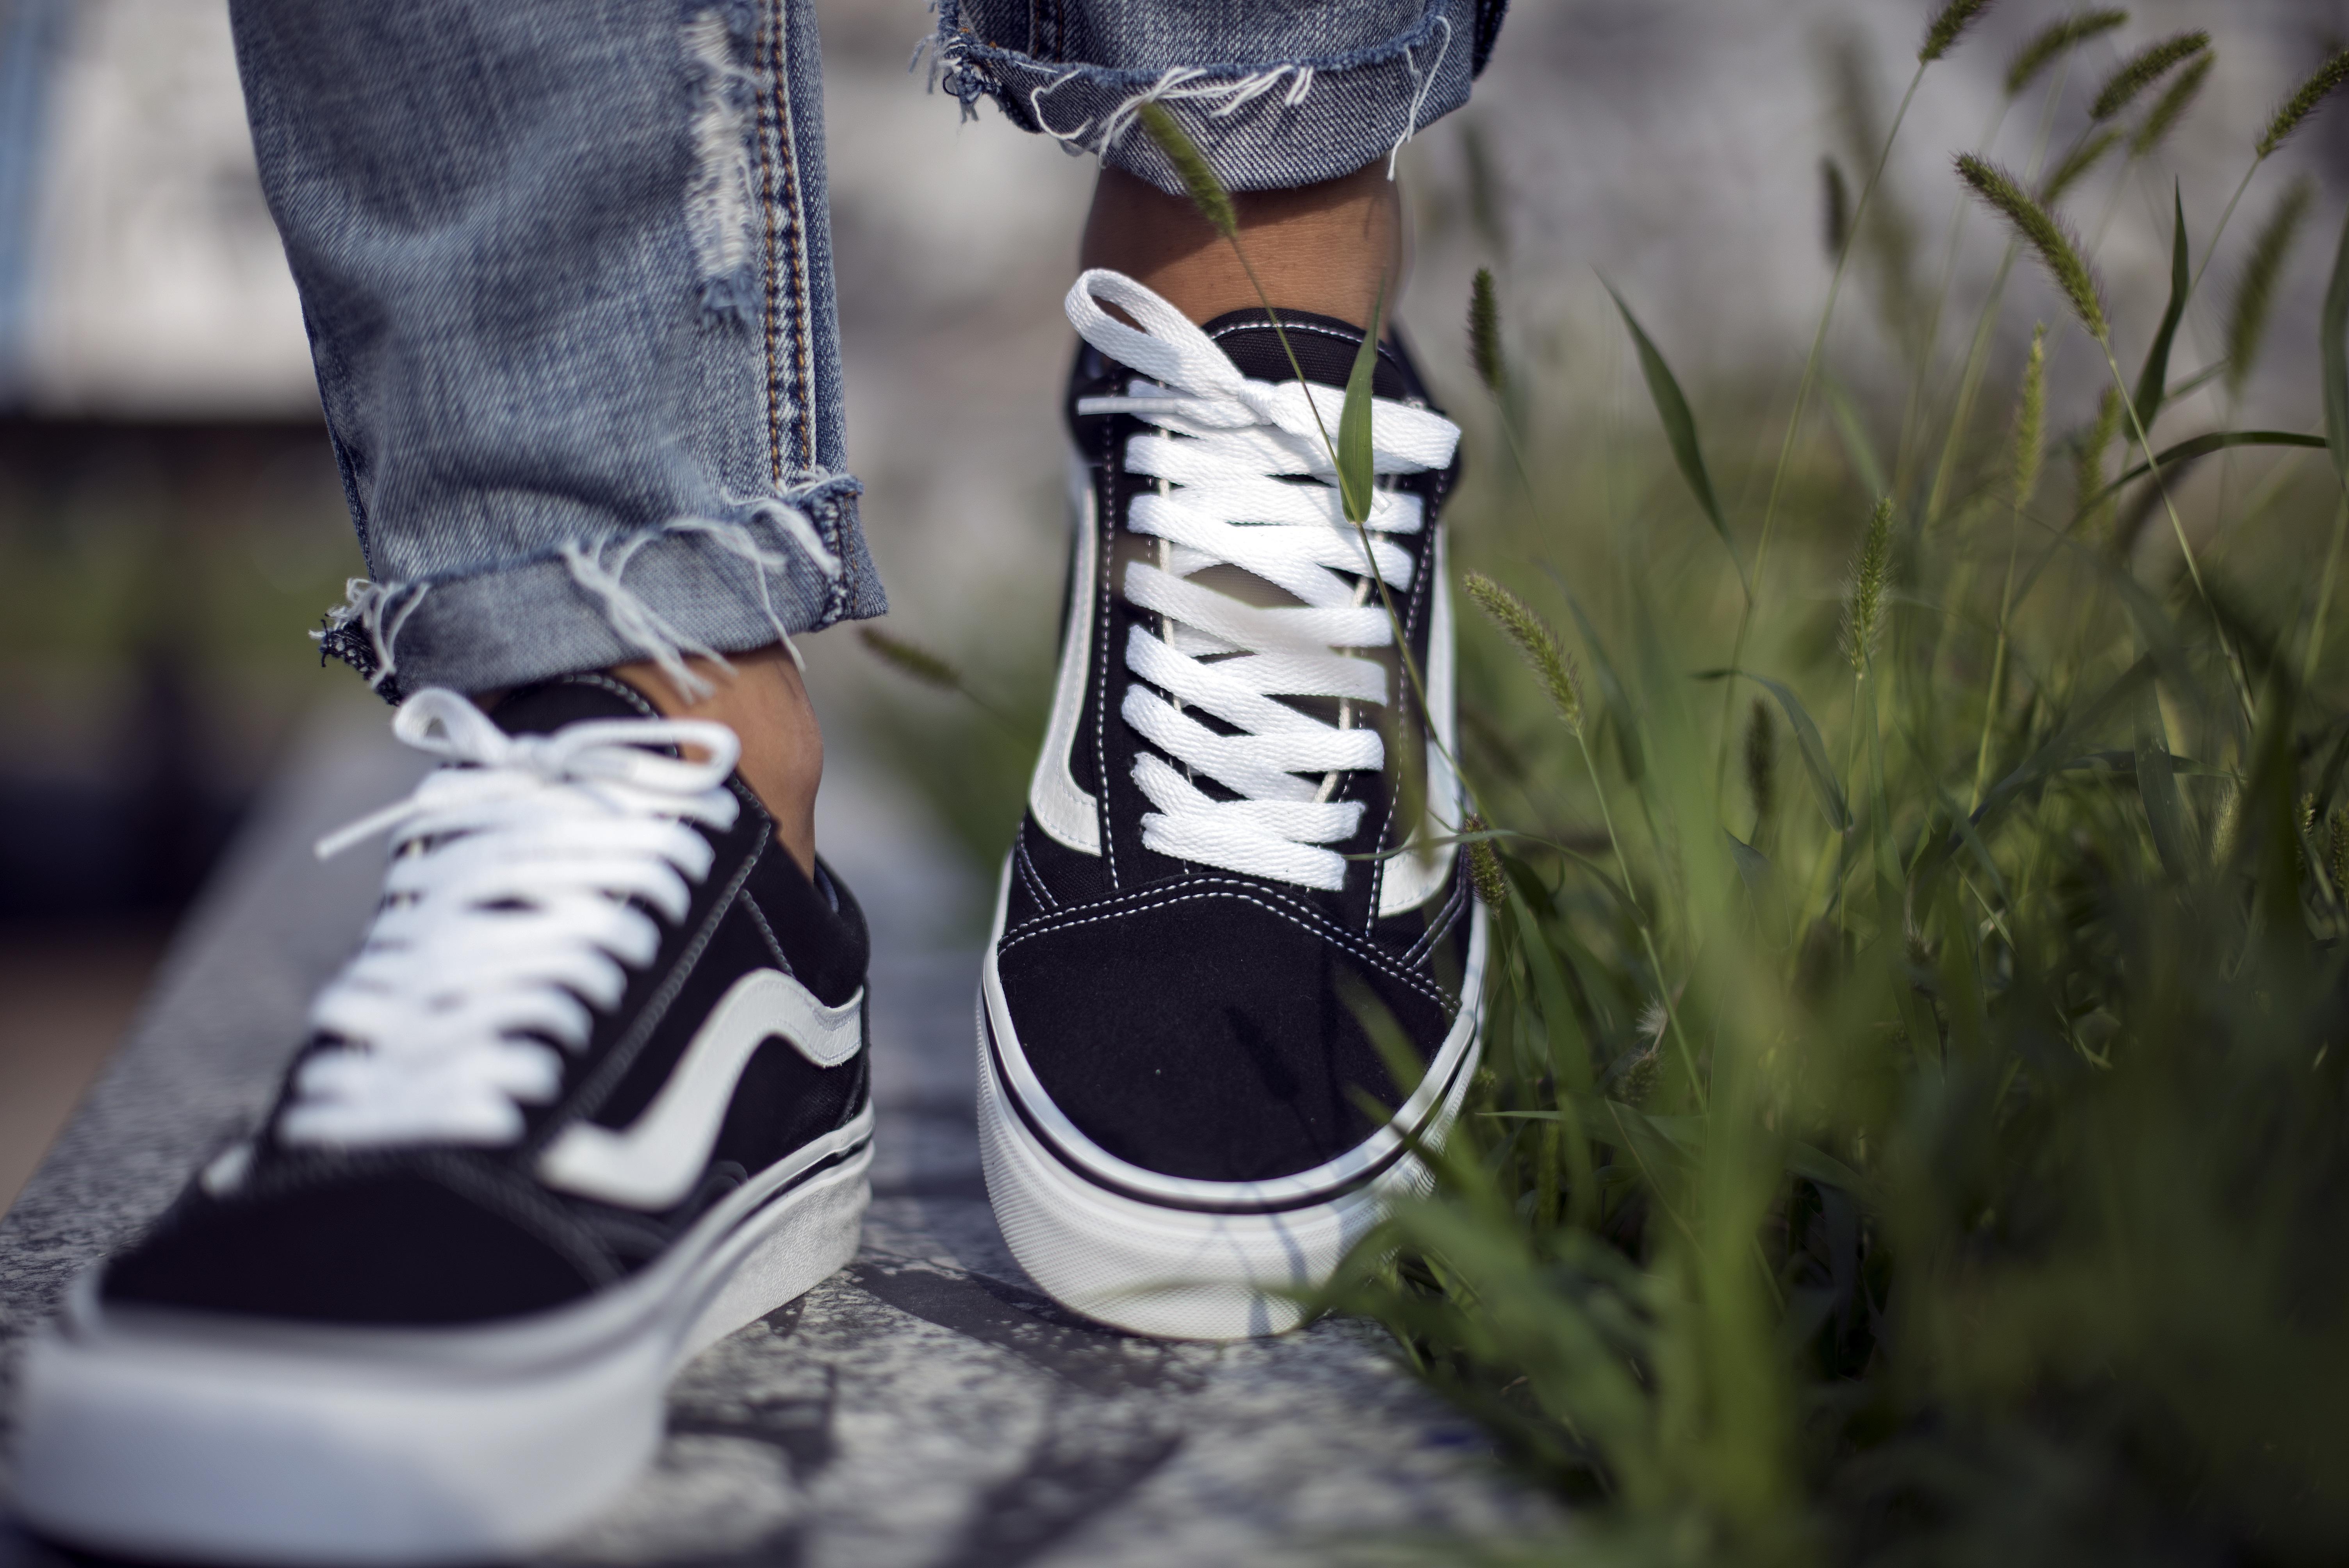 Kruidvat verkoopt Vans schoenen voor een prikkie